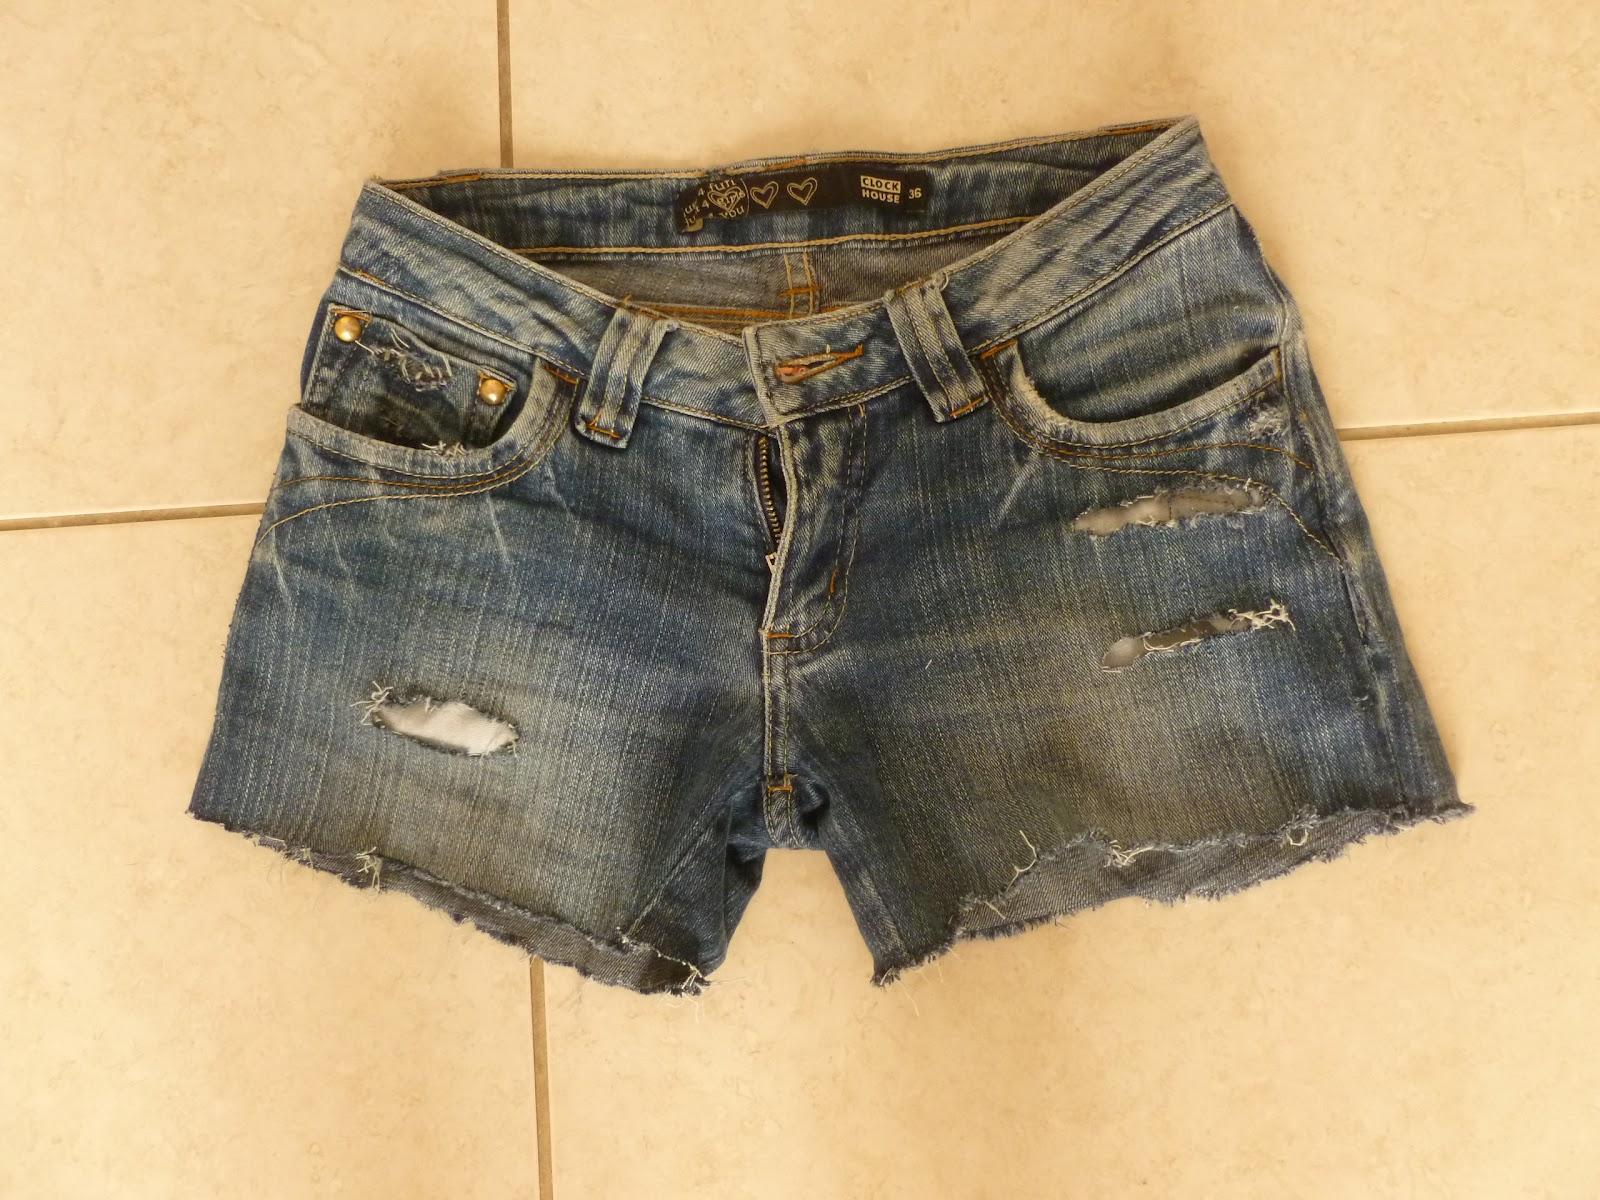 calça cortada em short jeans e desfiada